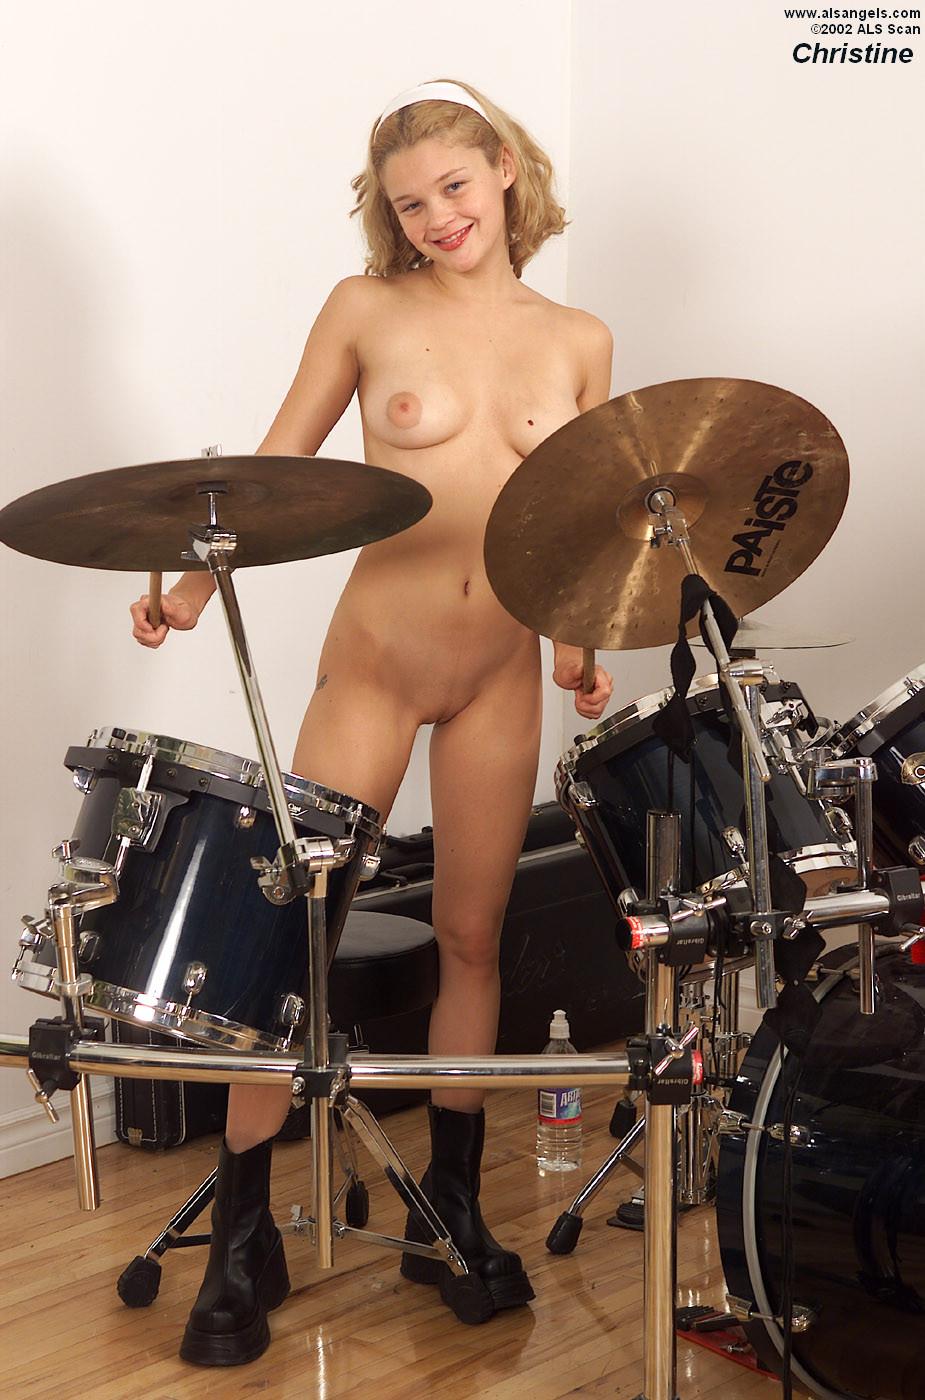 Молодая красотка играет на барабанах, а потом находит маленькую бутылочку и вставляет ее в себя